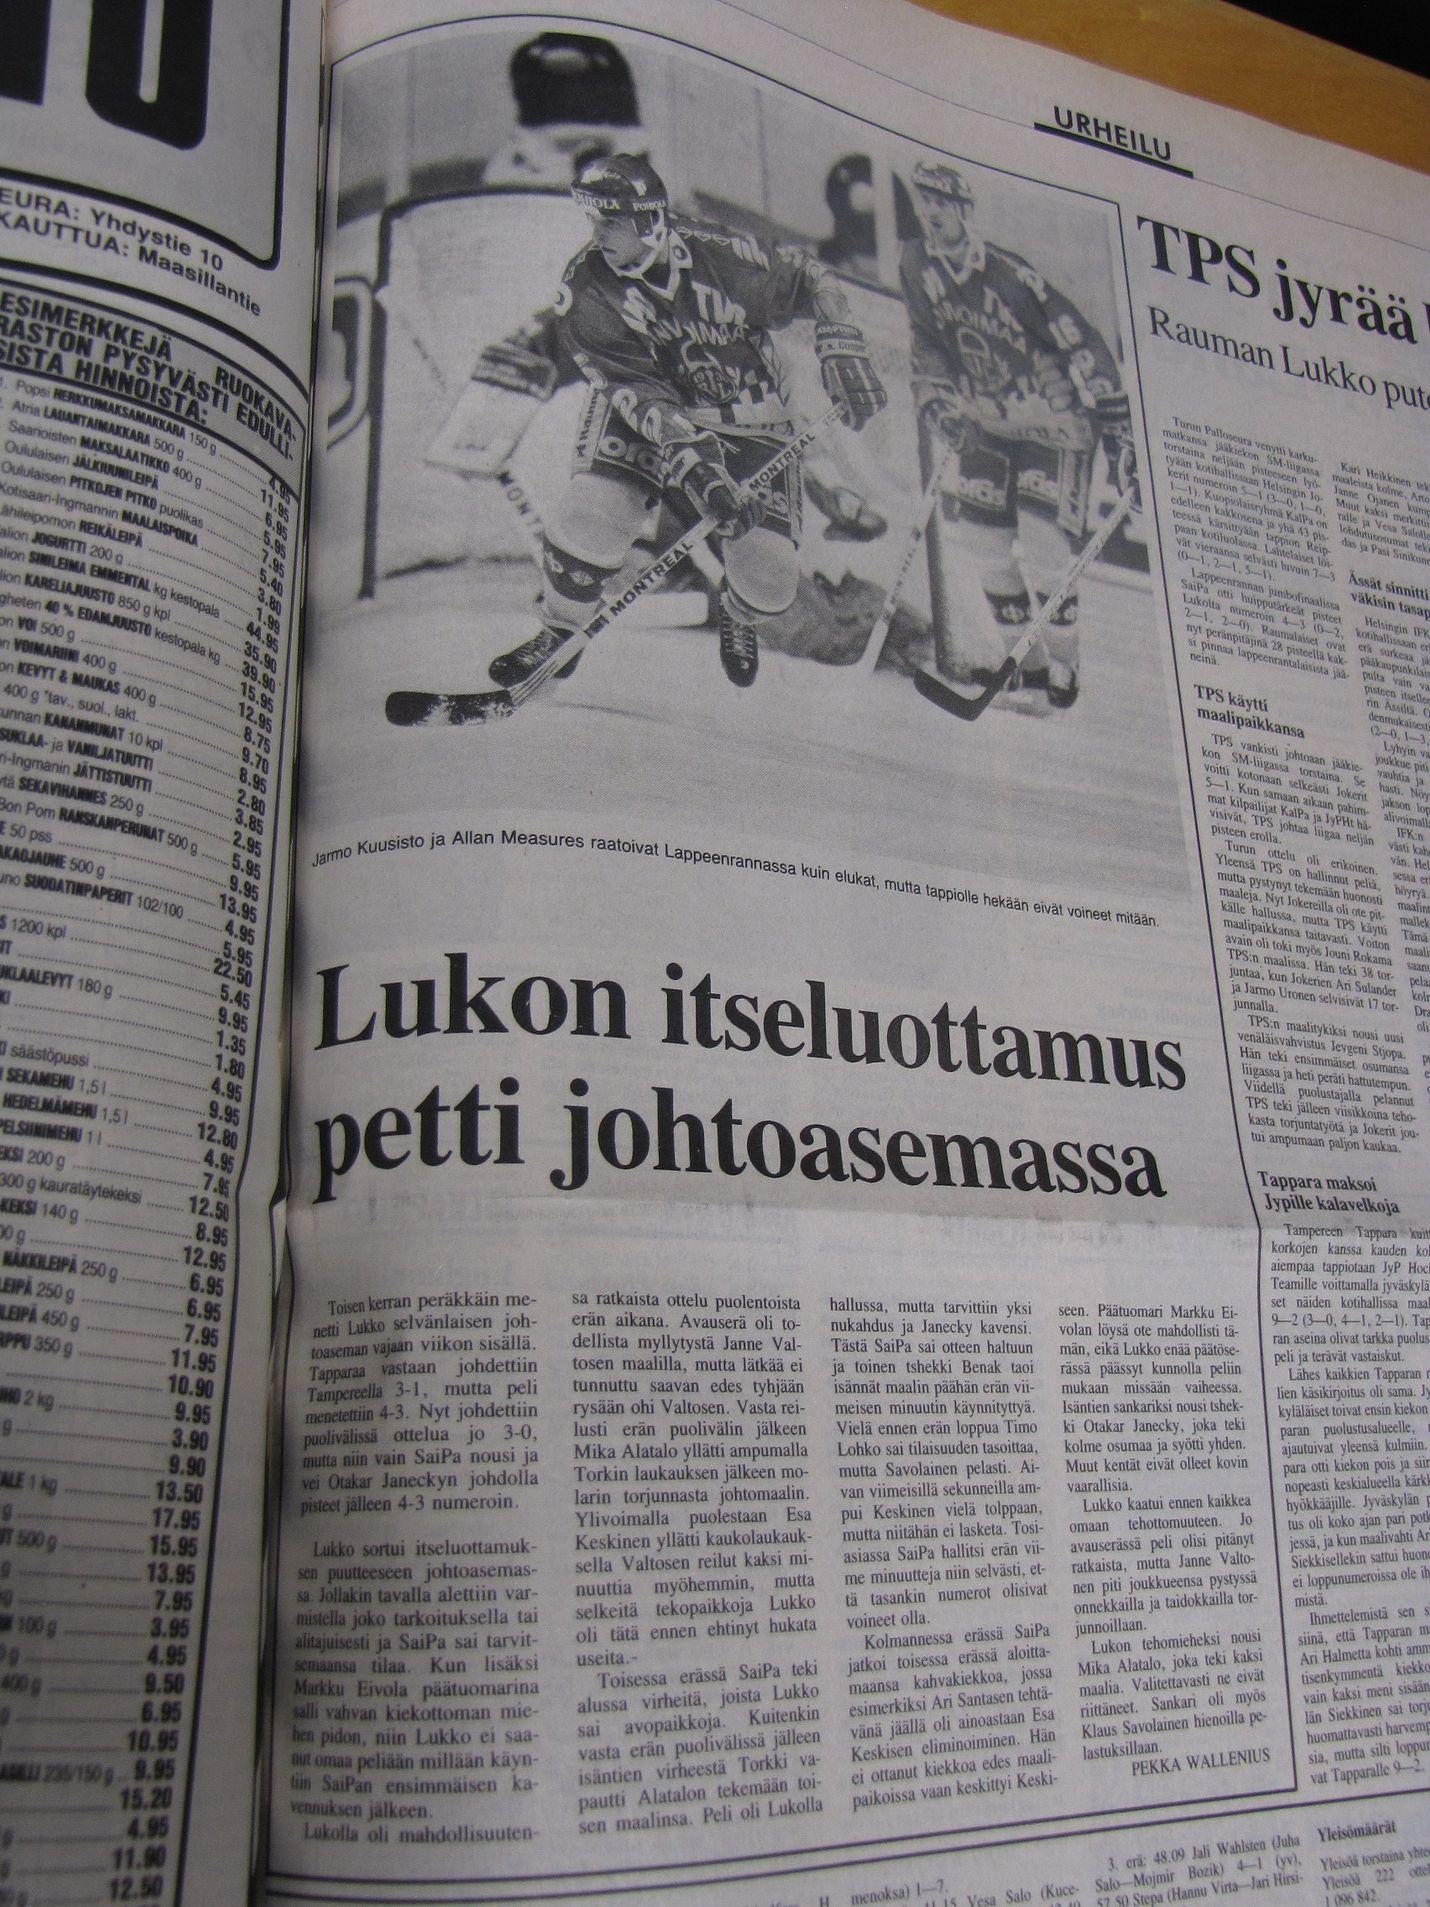 Länsi-Suomi 1.2. 1991. TPS jyrää kärjessä, Lukko putosi jumboksi.